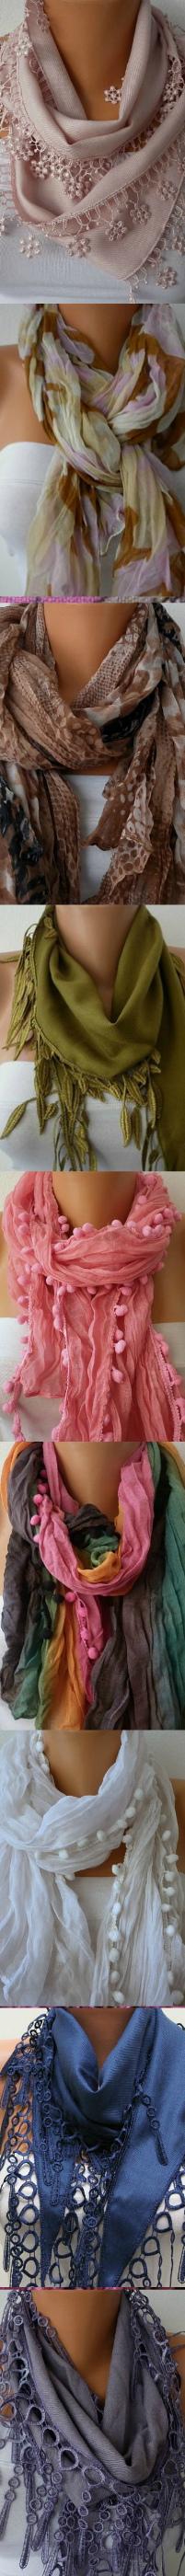 scarvy